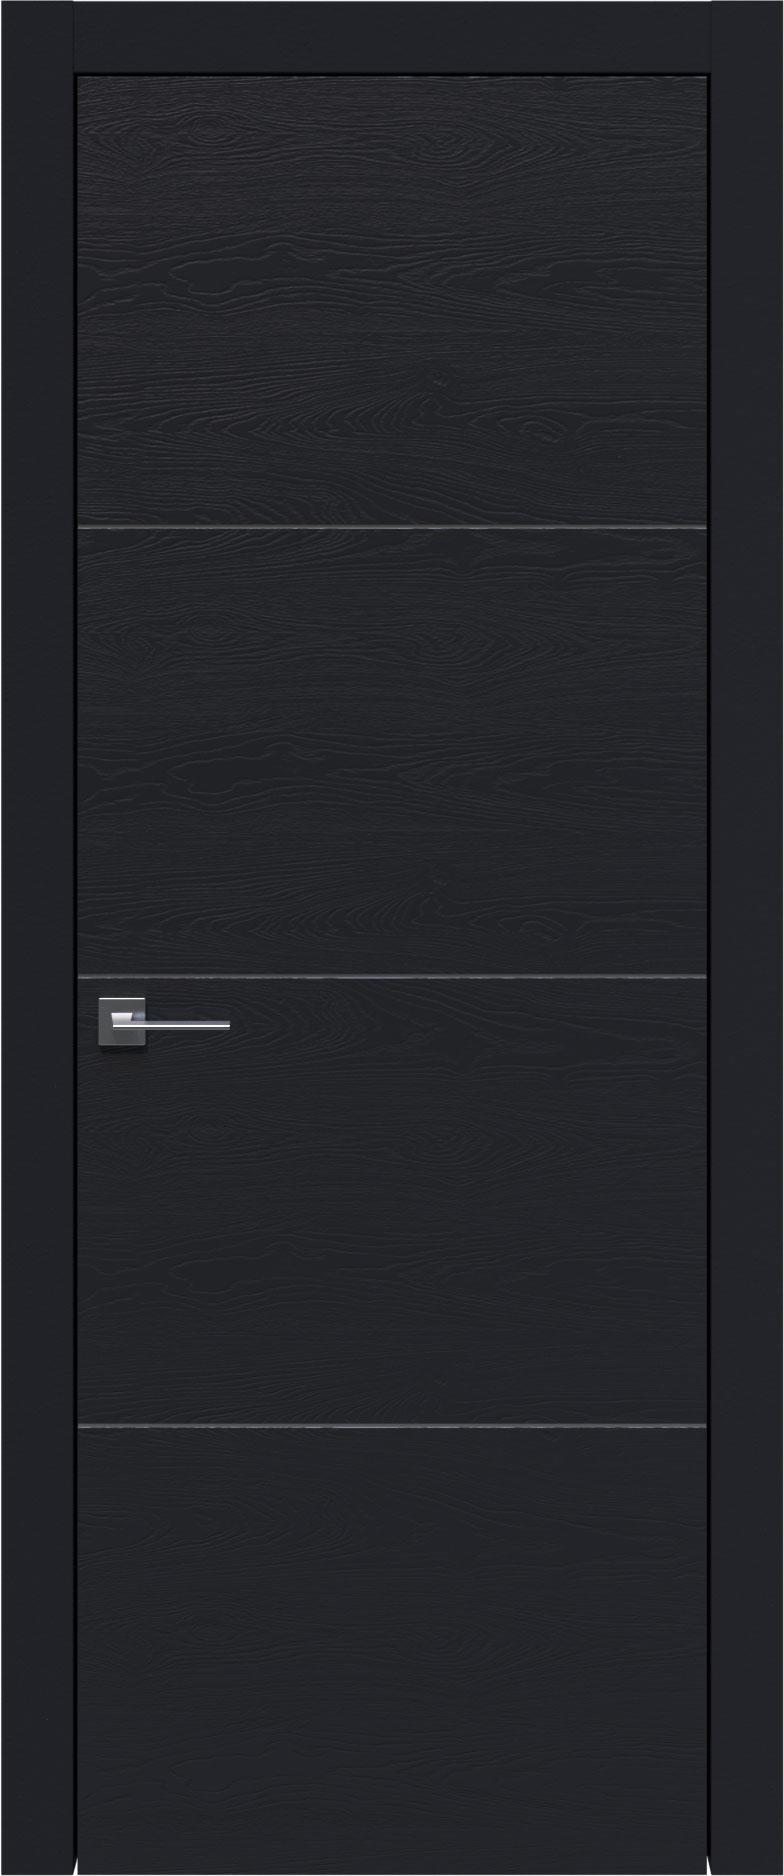 Tivoli Г-3 цвет - Черная эмаль по шпону (RAL 9004) Без стекла (ДГ)